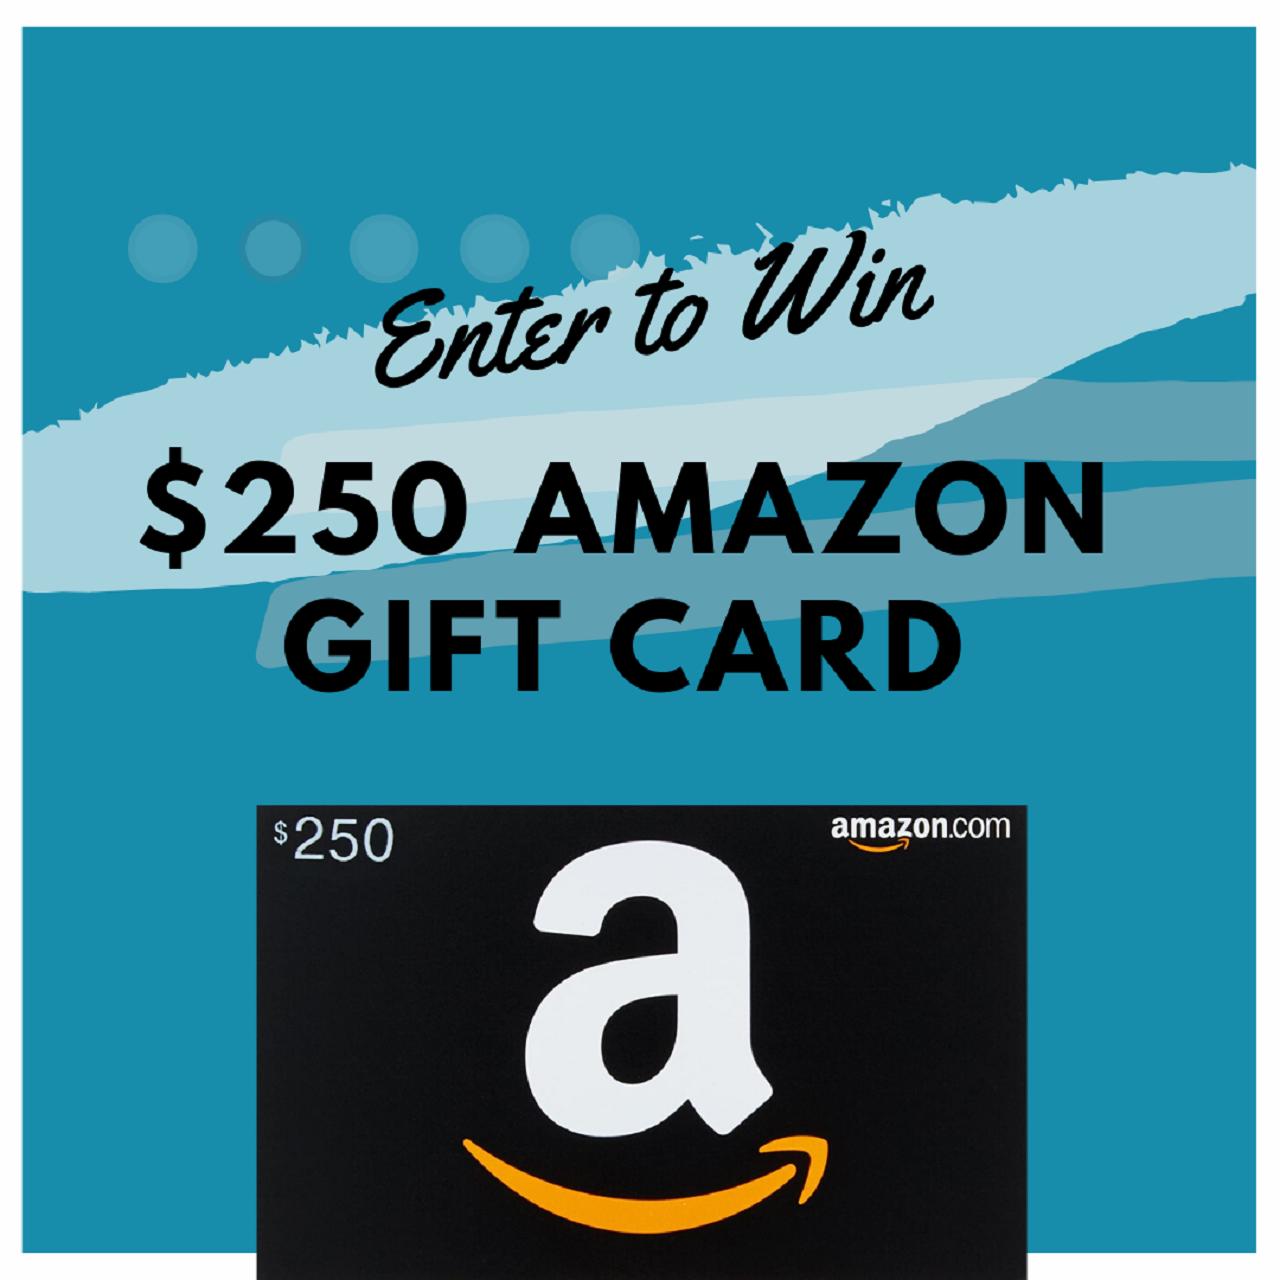 250 Amazon Gift Card Giveaway Amazon Gift Card Free Amazon Gift Cards Amazon Gifts